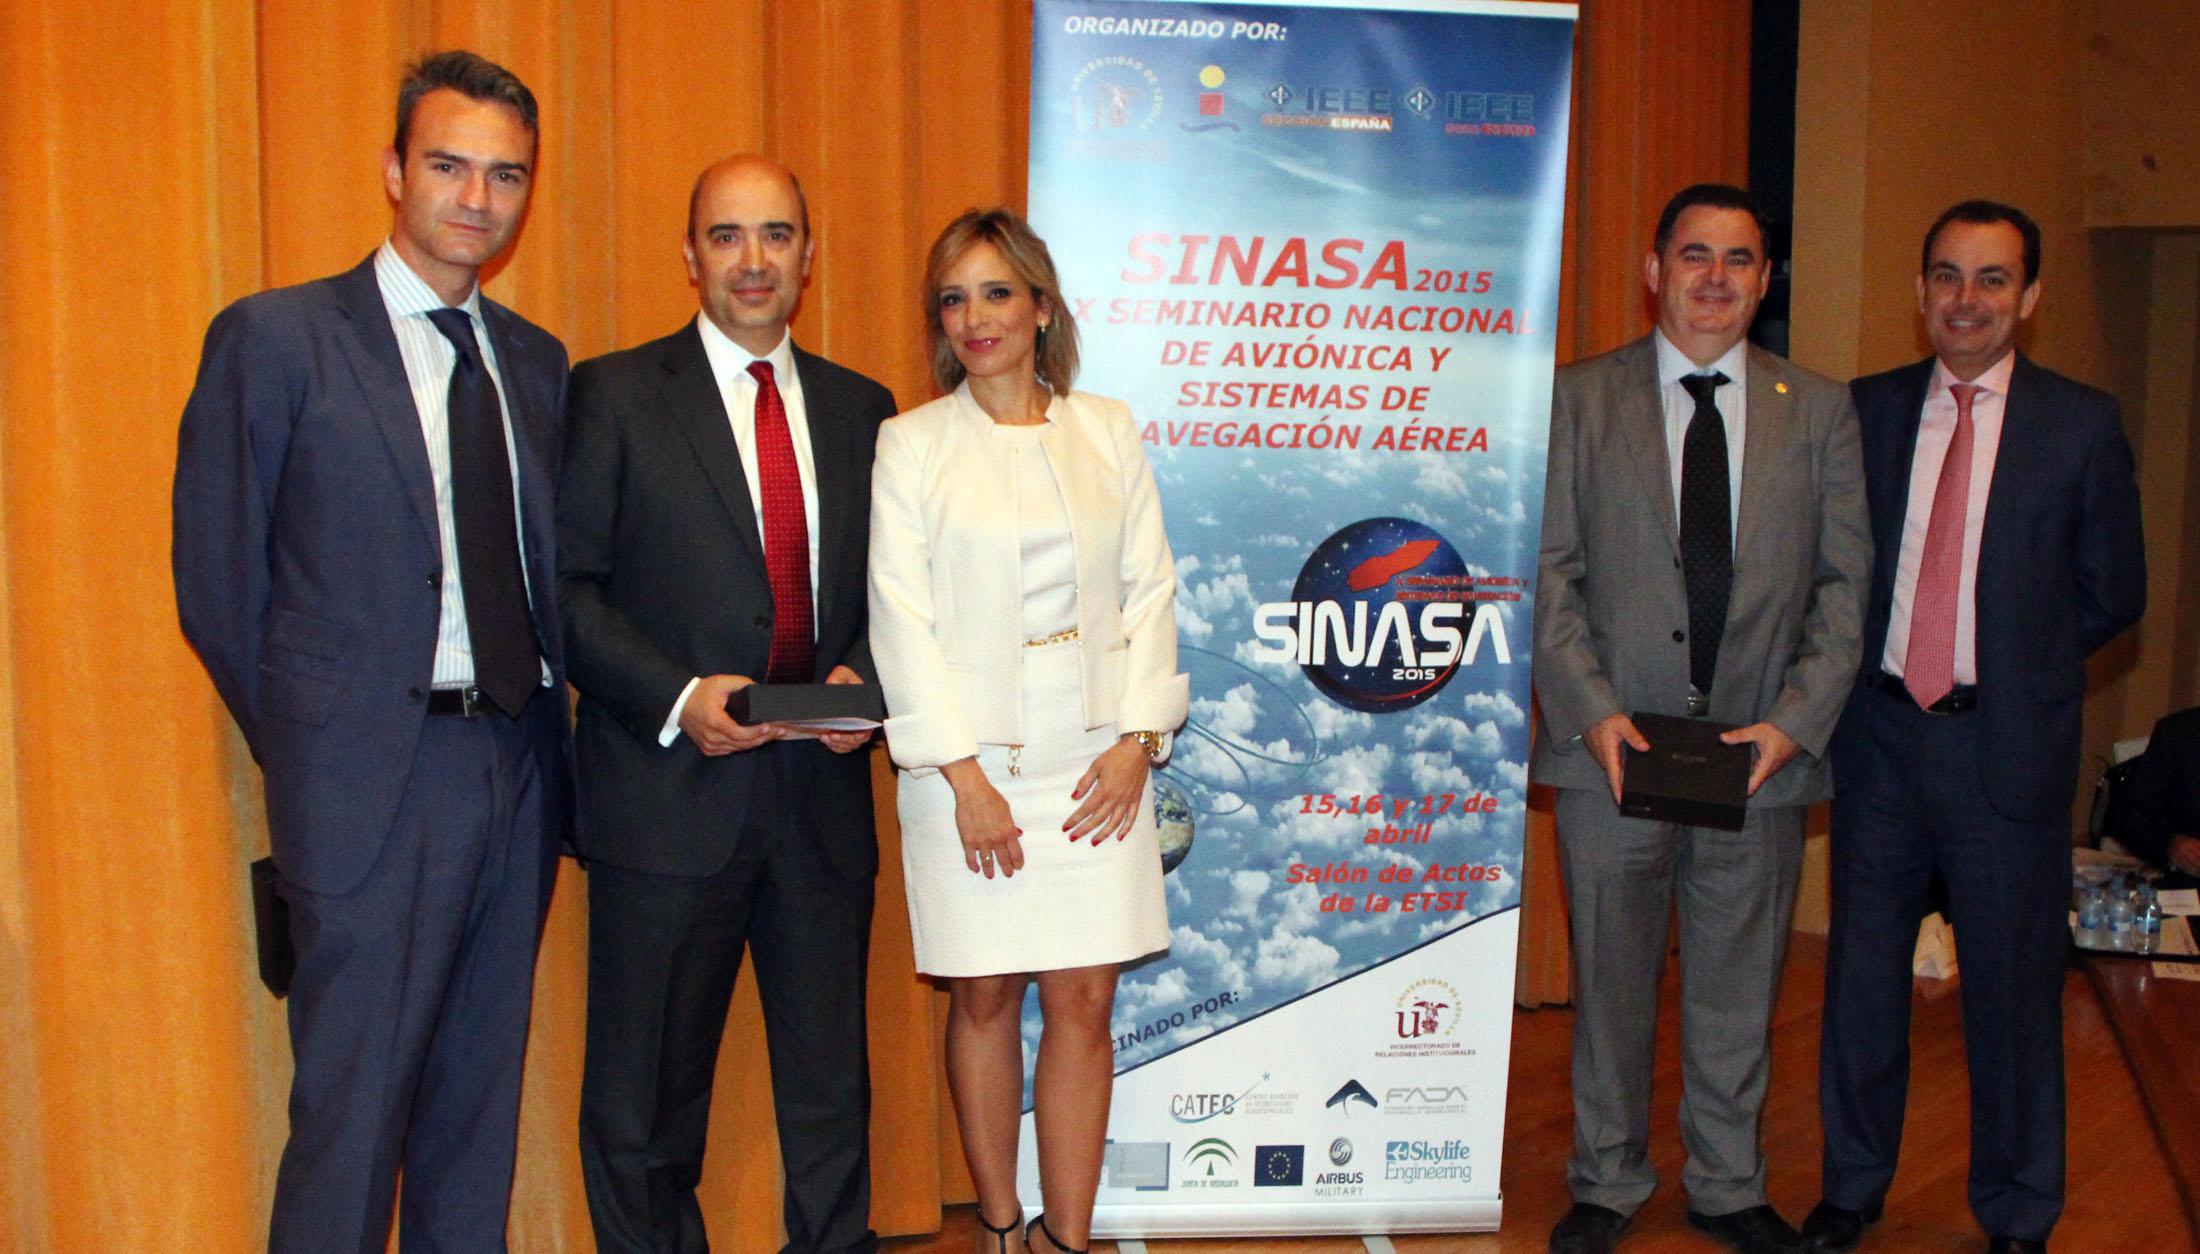 Sinasa 2015